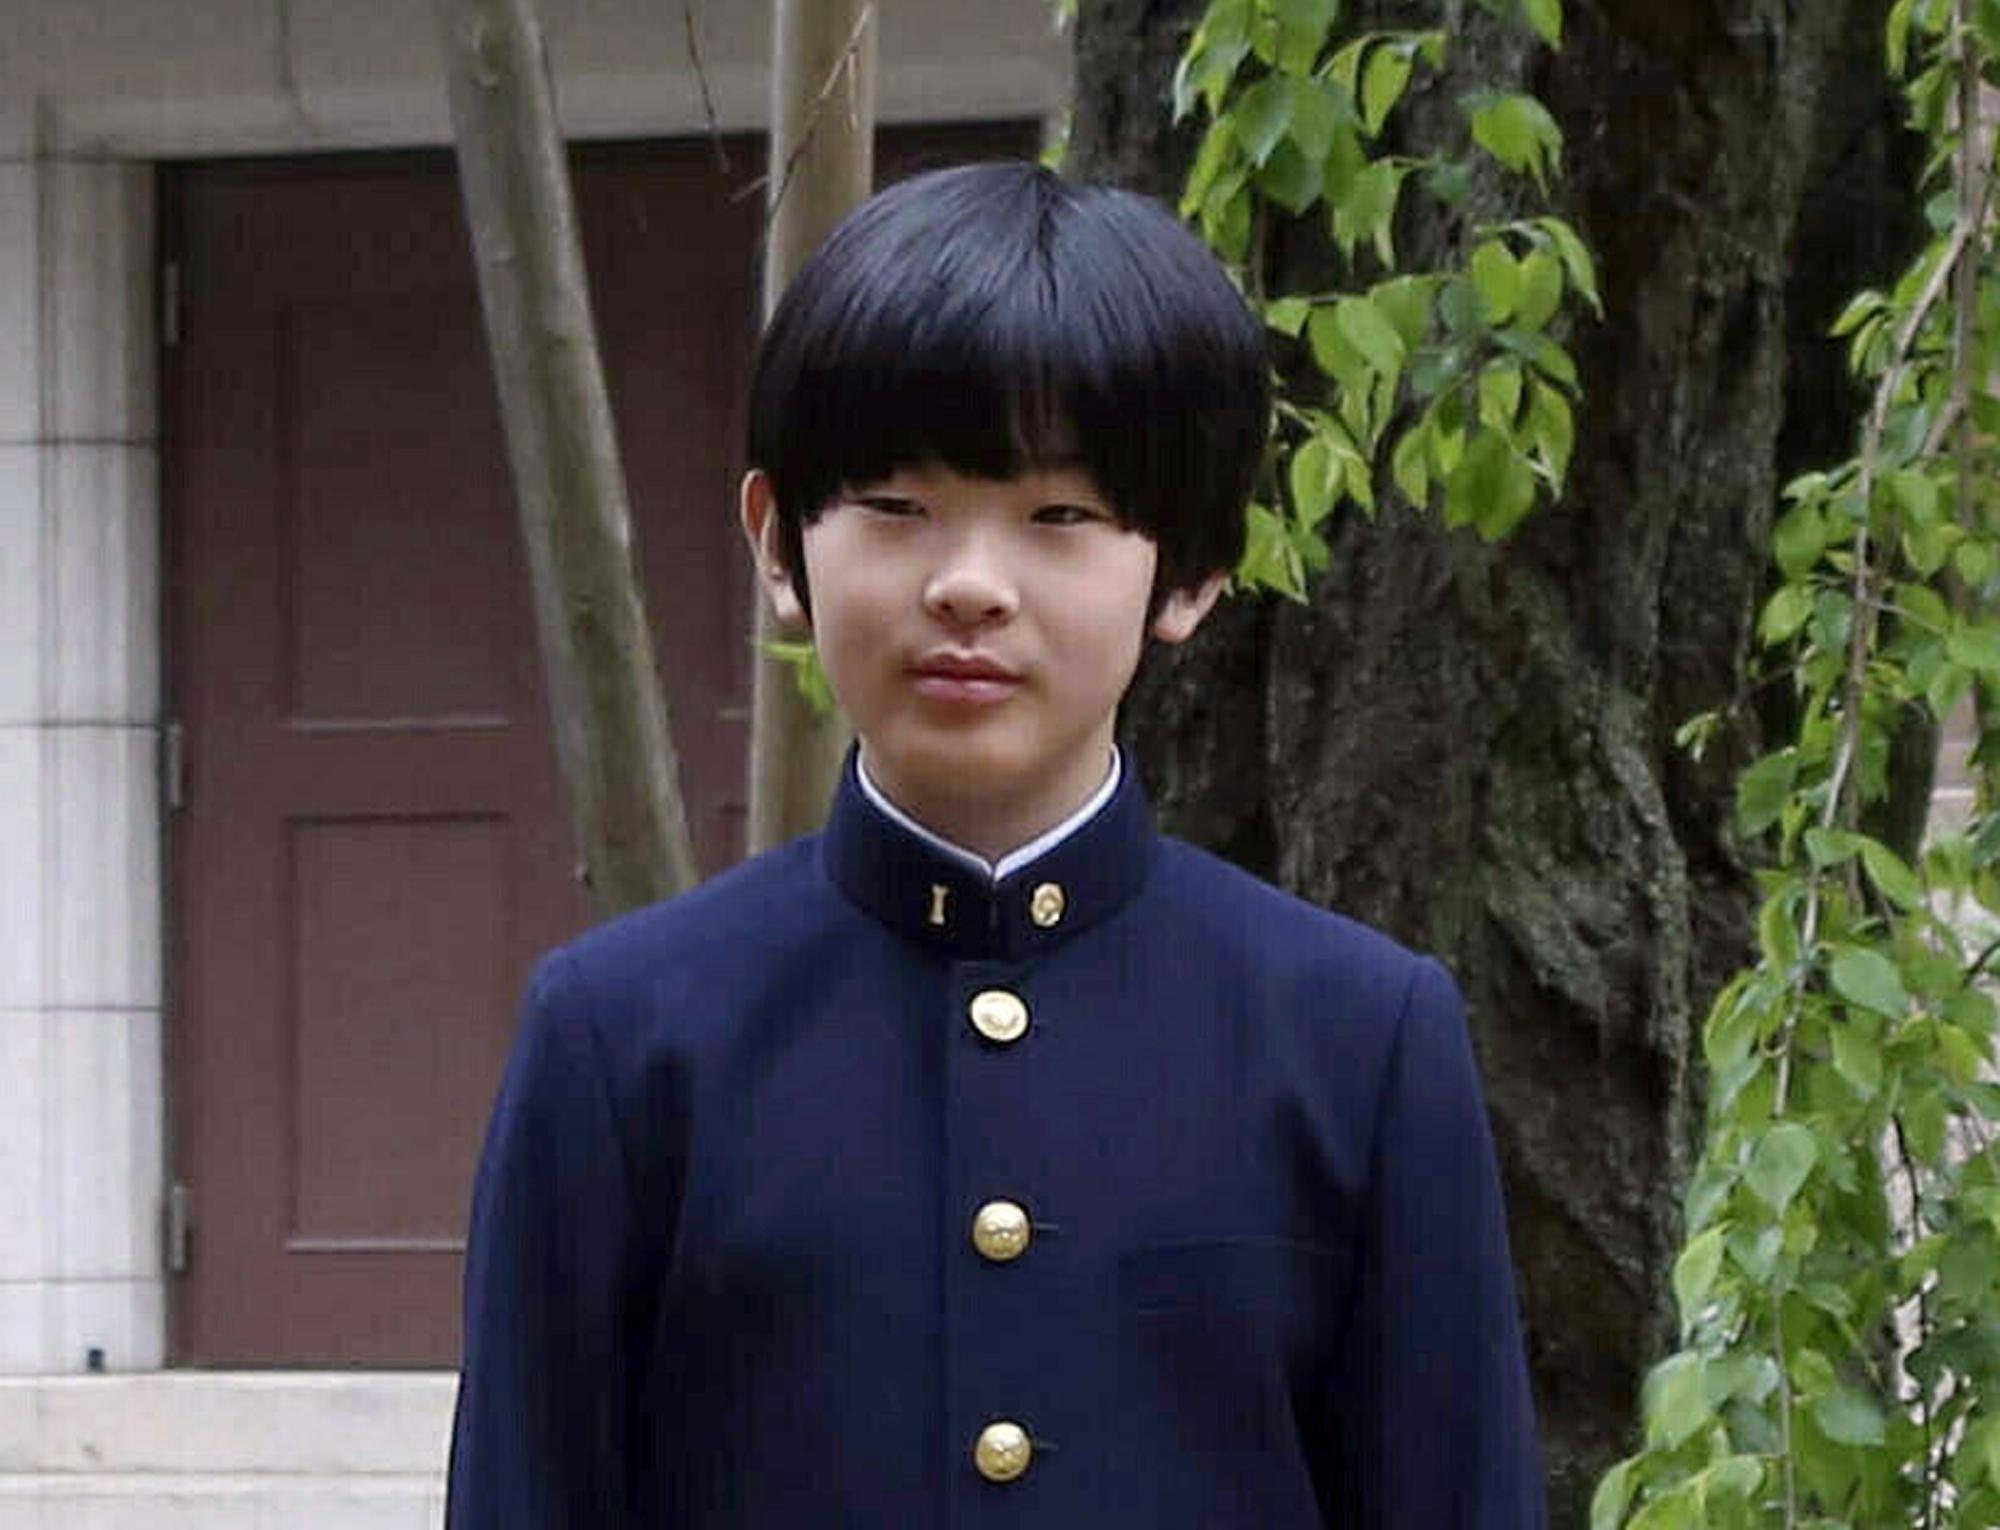 当时悠仁正在上体育课。 图片